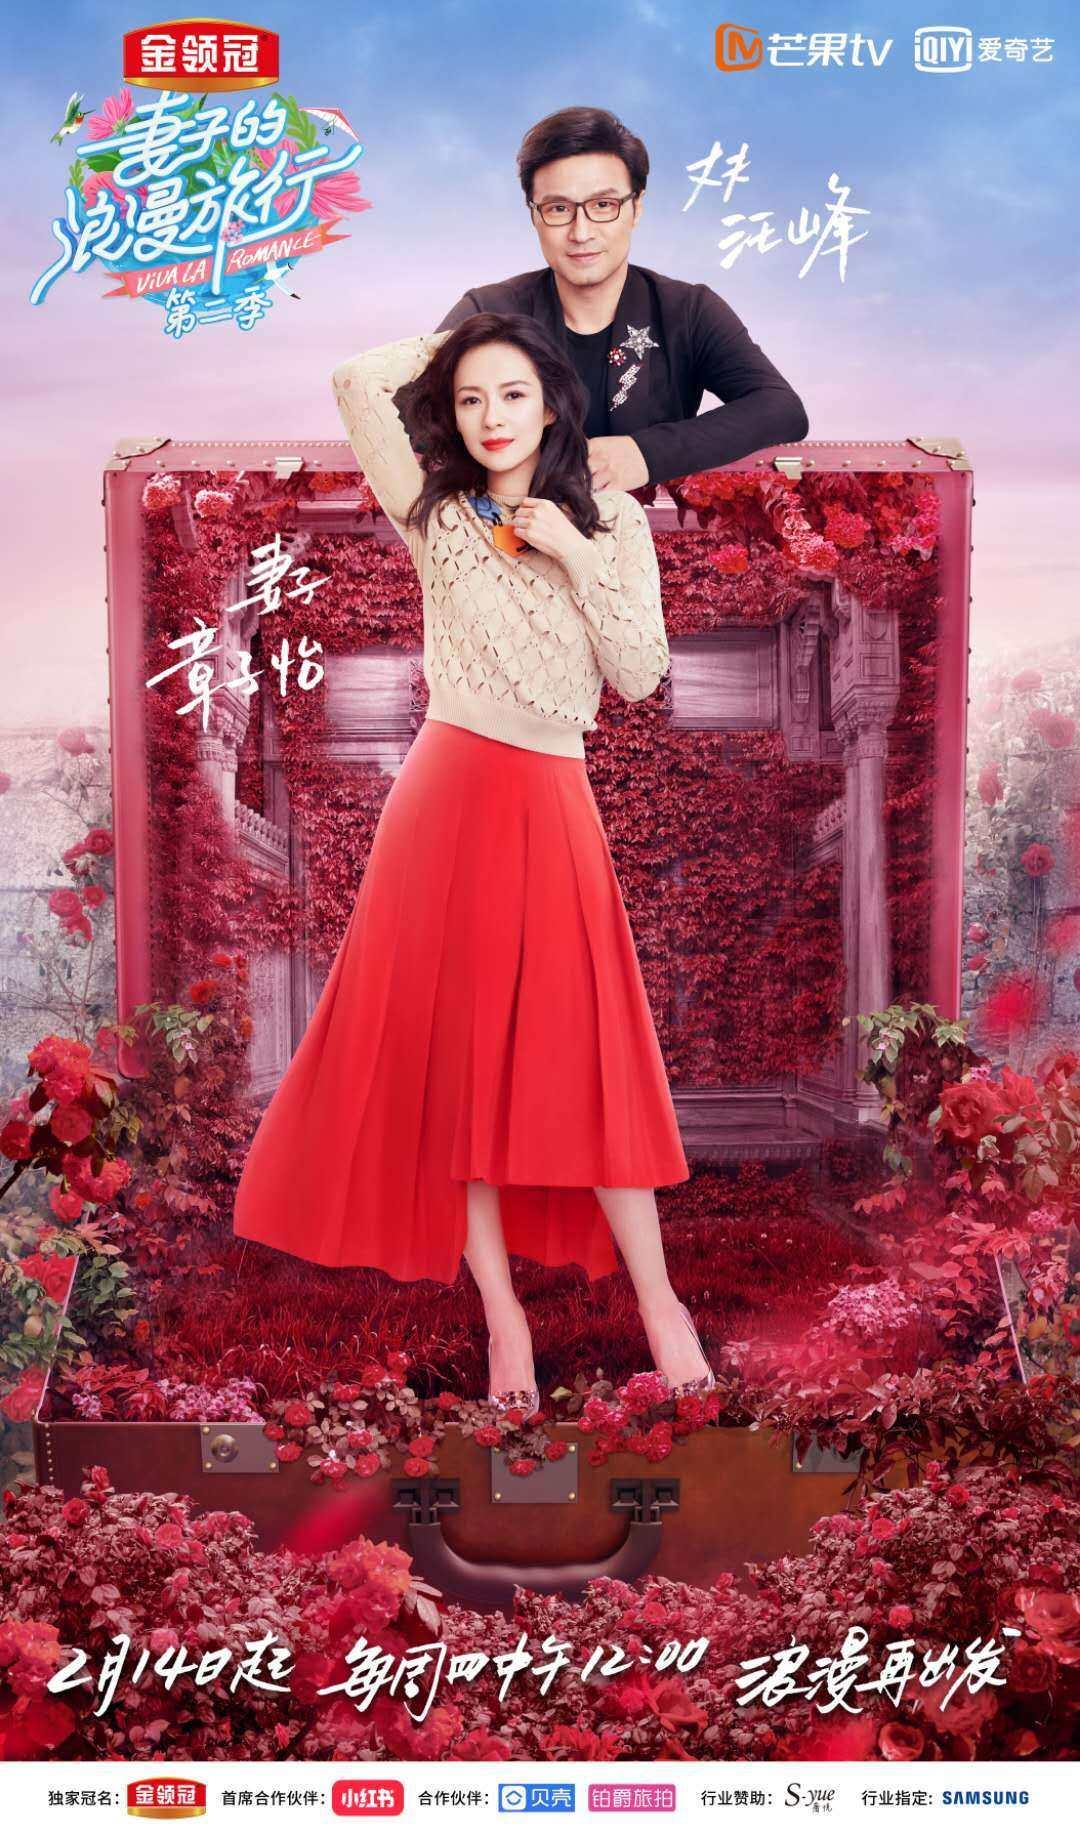 妻子的浪漫旅行第二季定档官宣嘉宾,系汪峰章子怡首秀